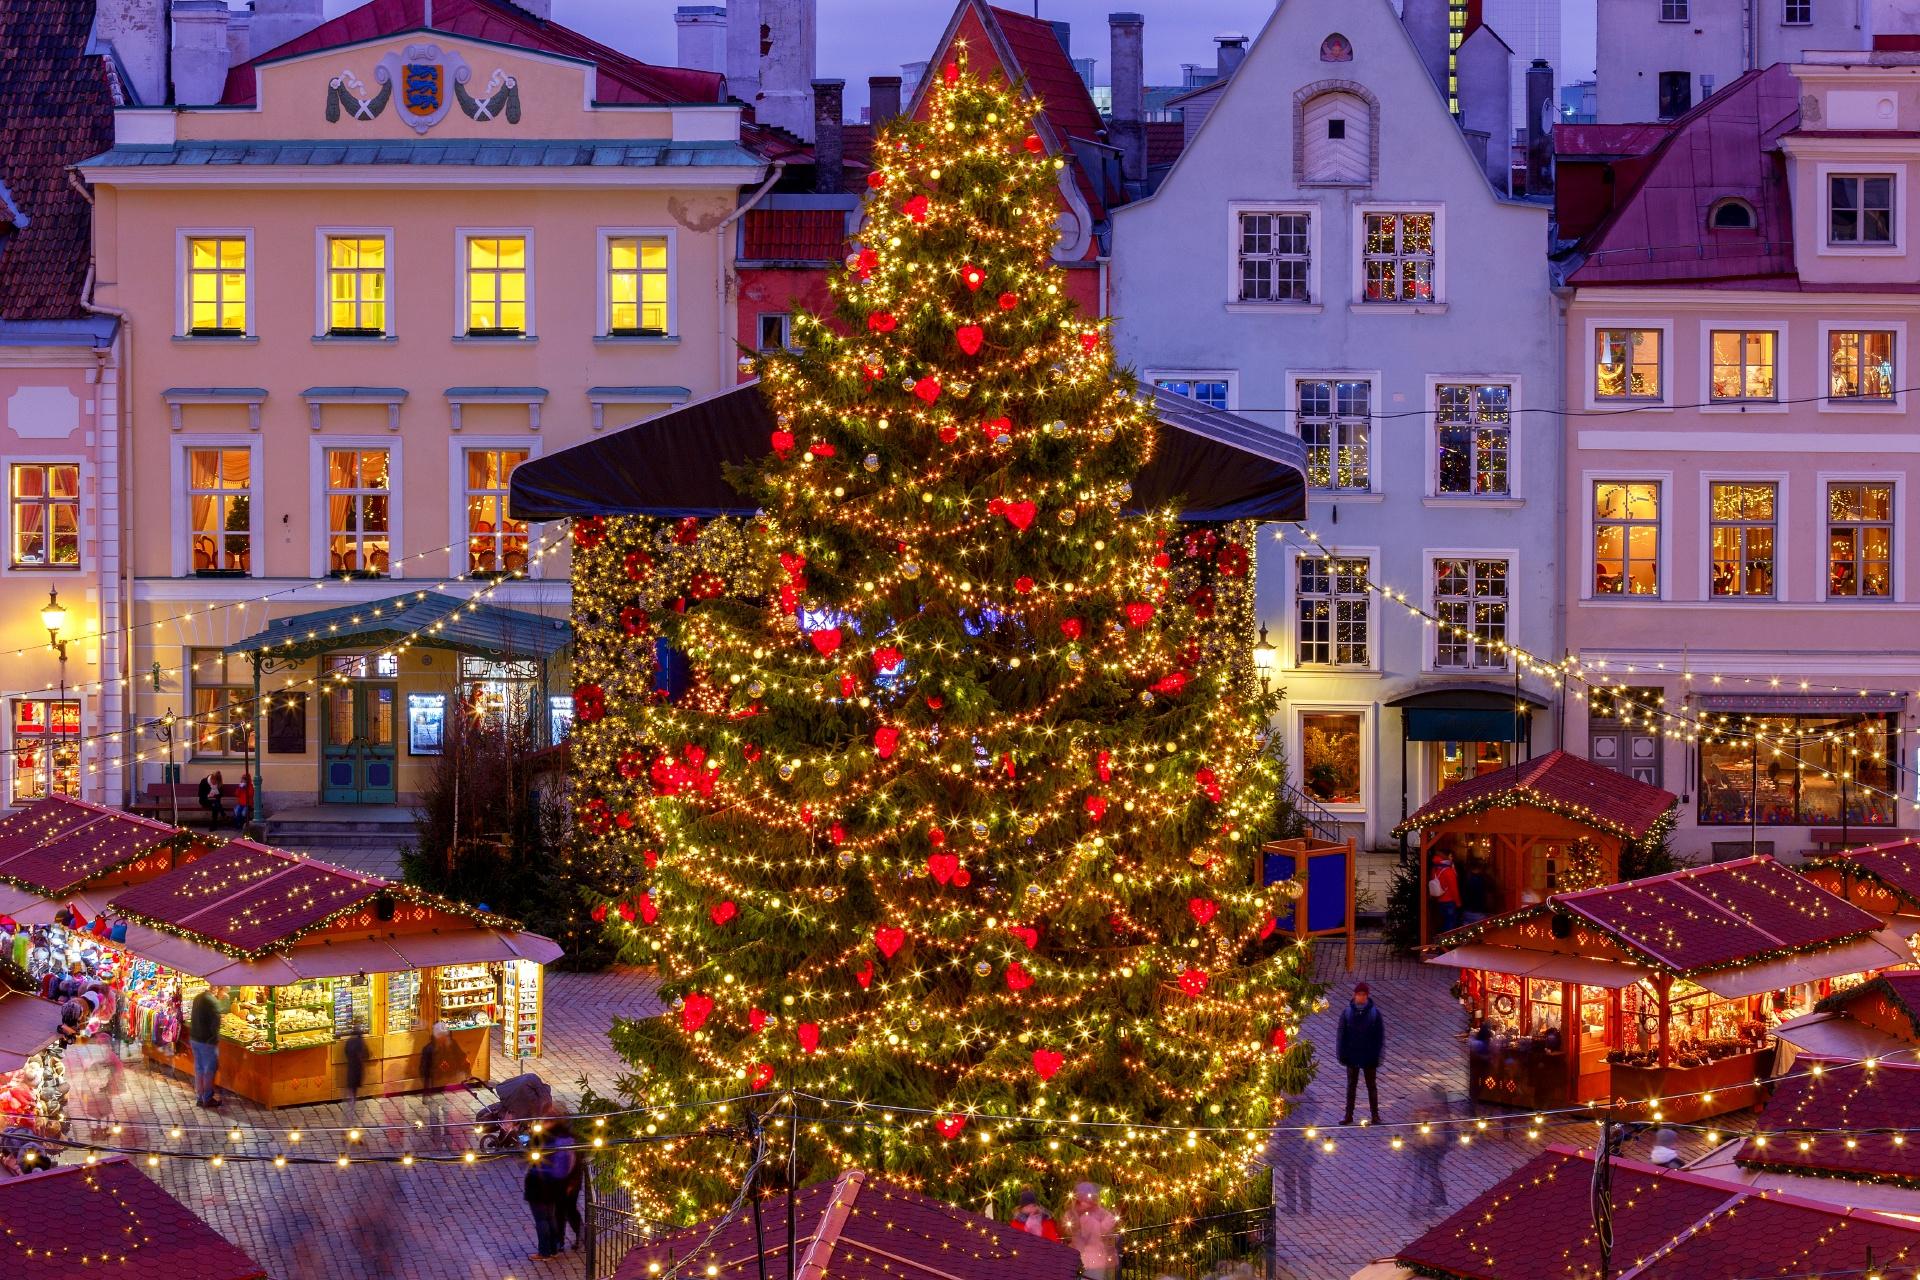 エストニアのクリスマスの風景 タリン エストニアの風景